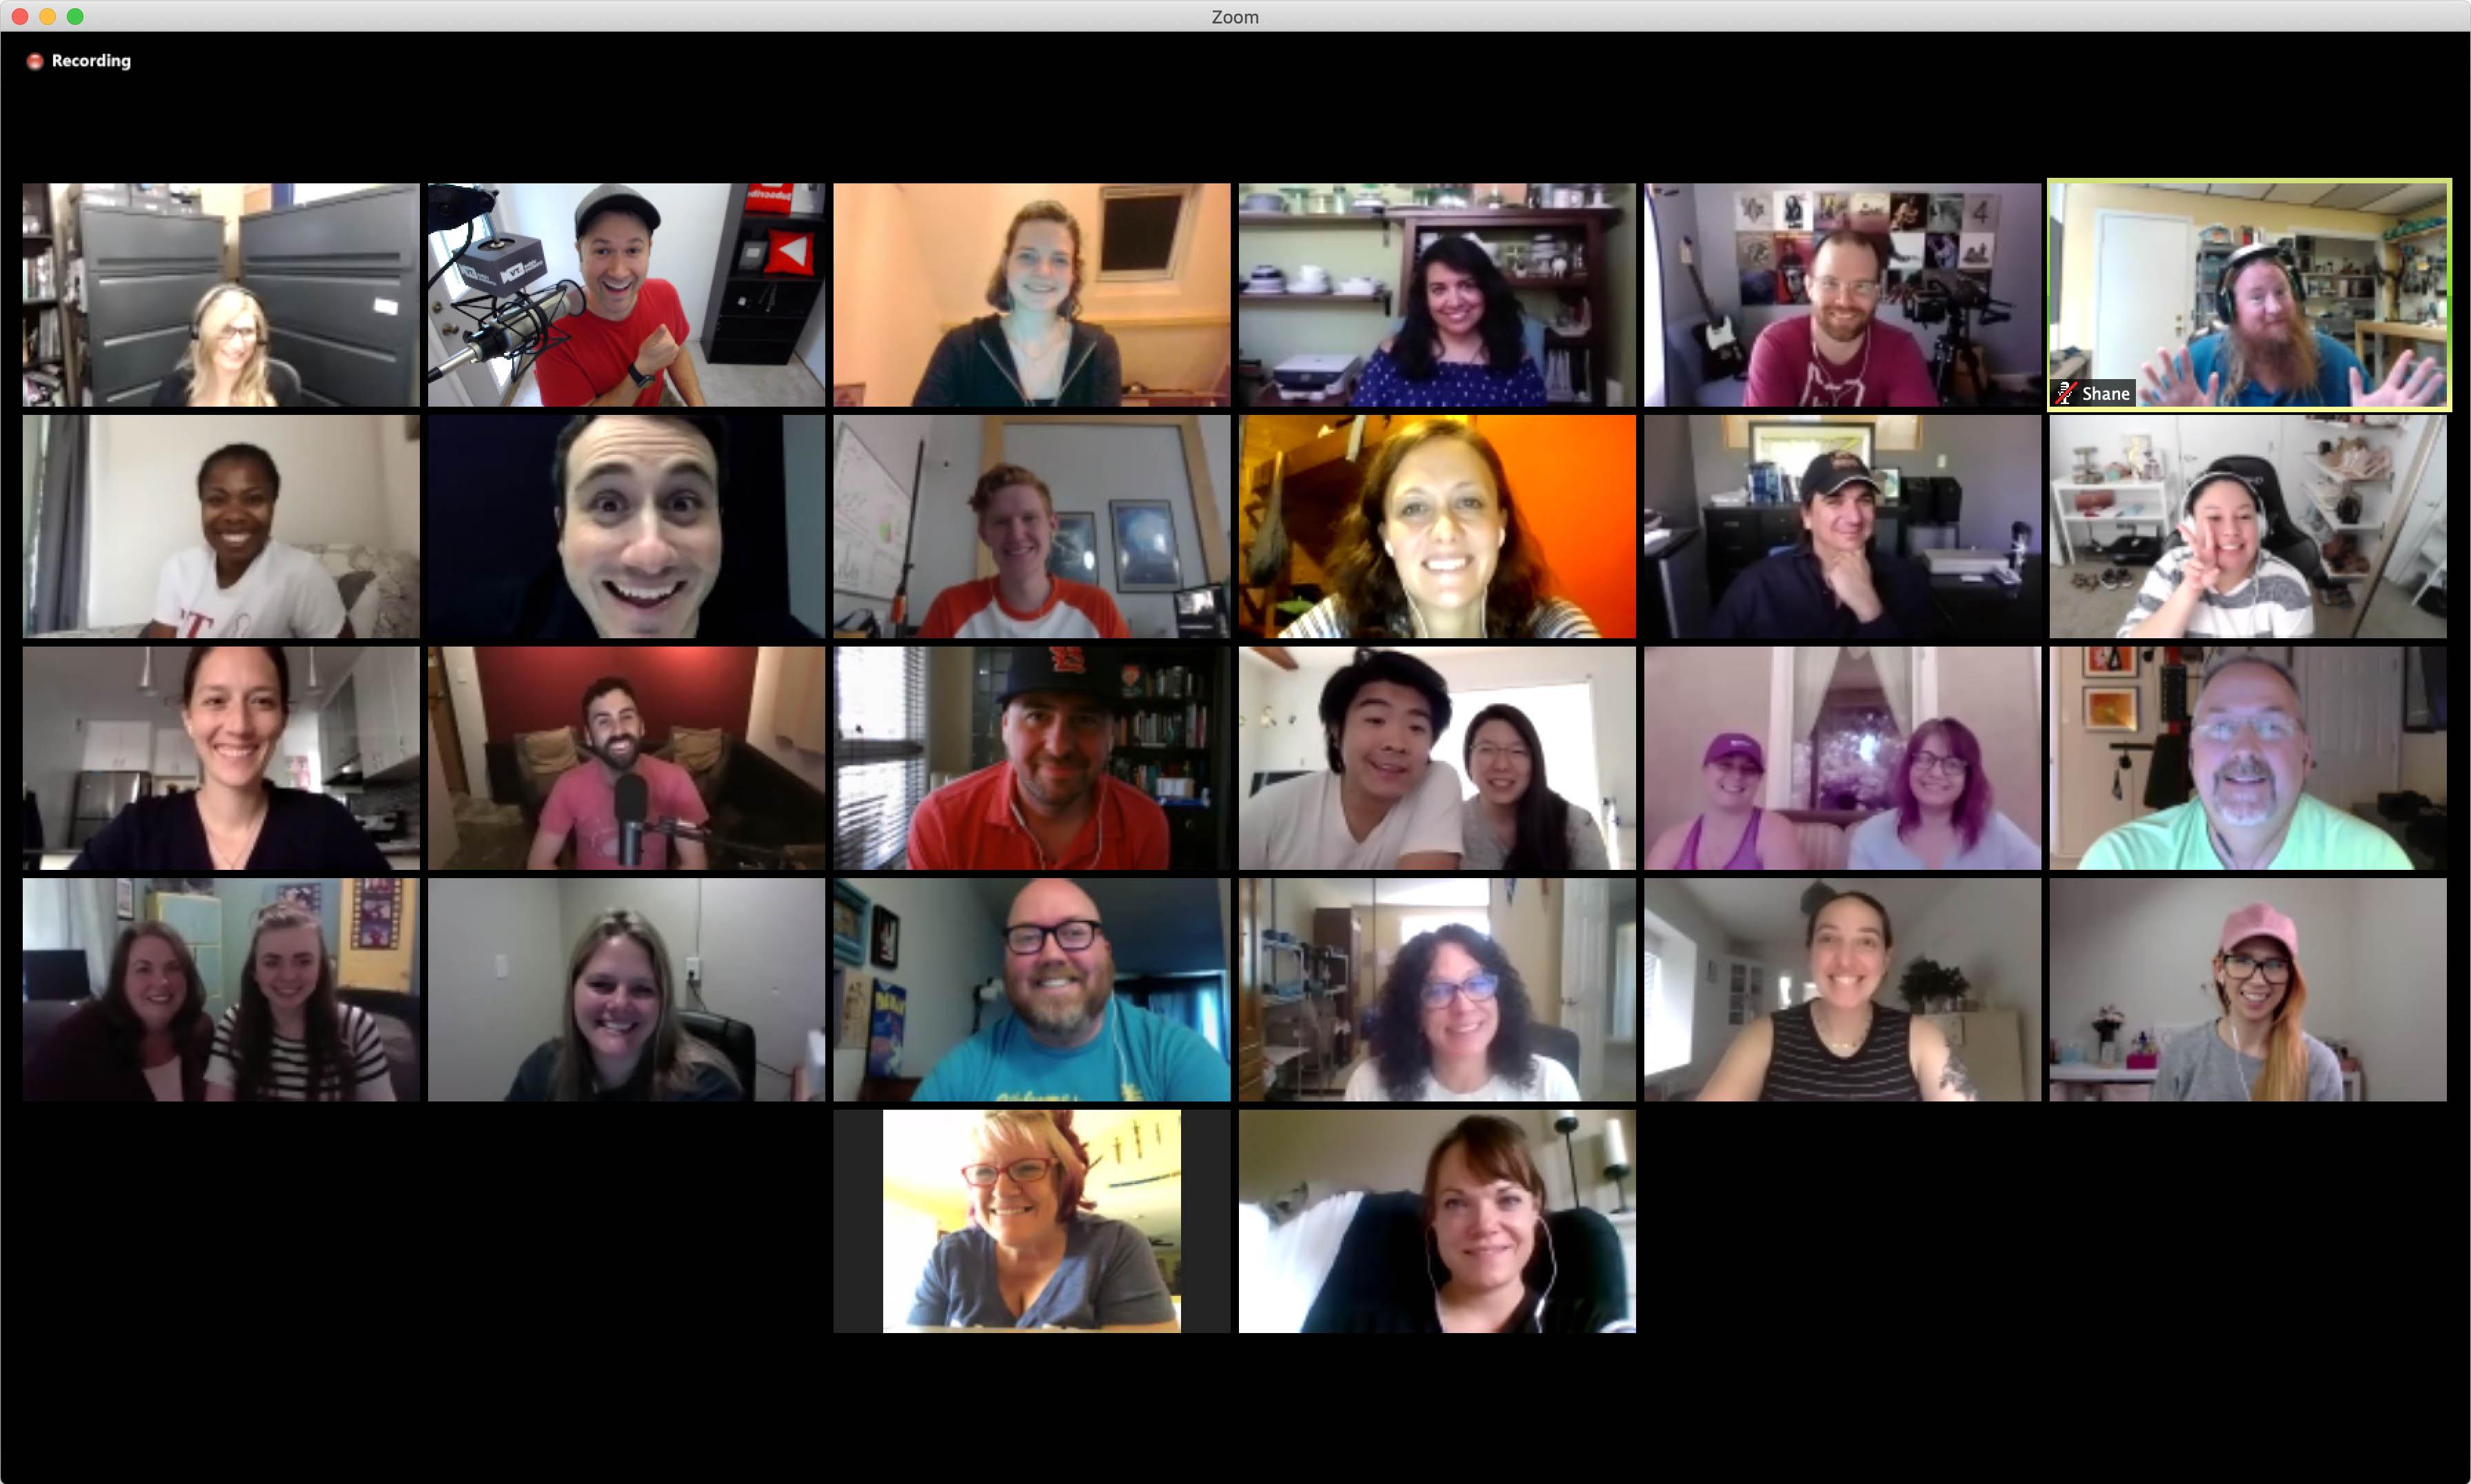 Weekly Video Meeting